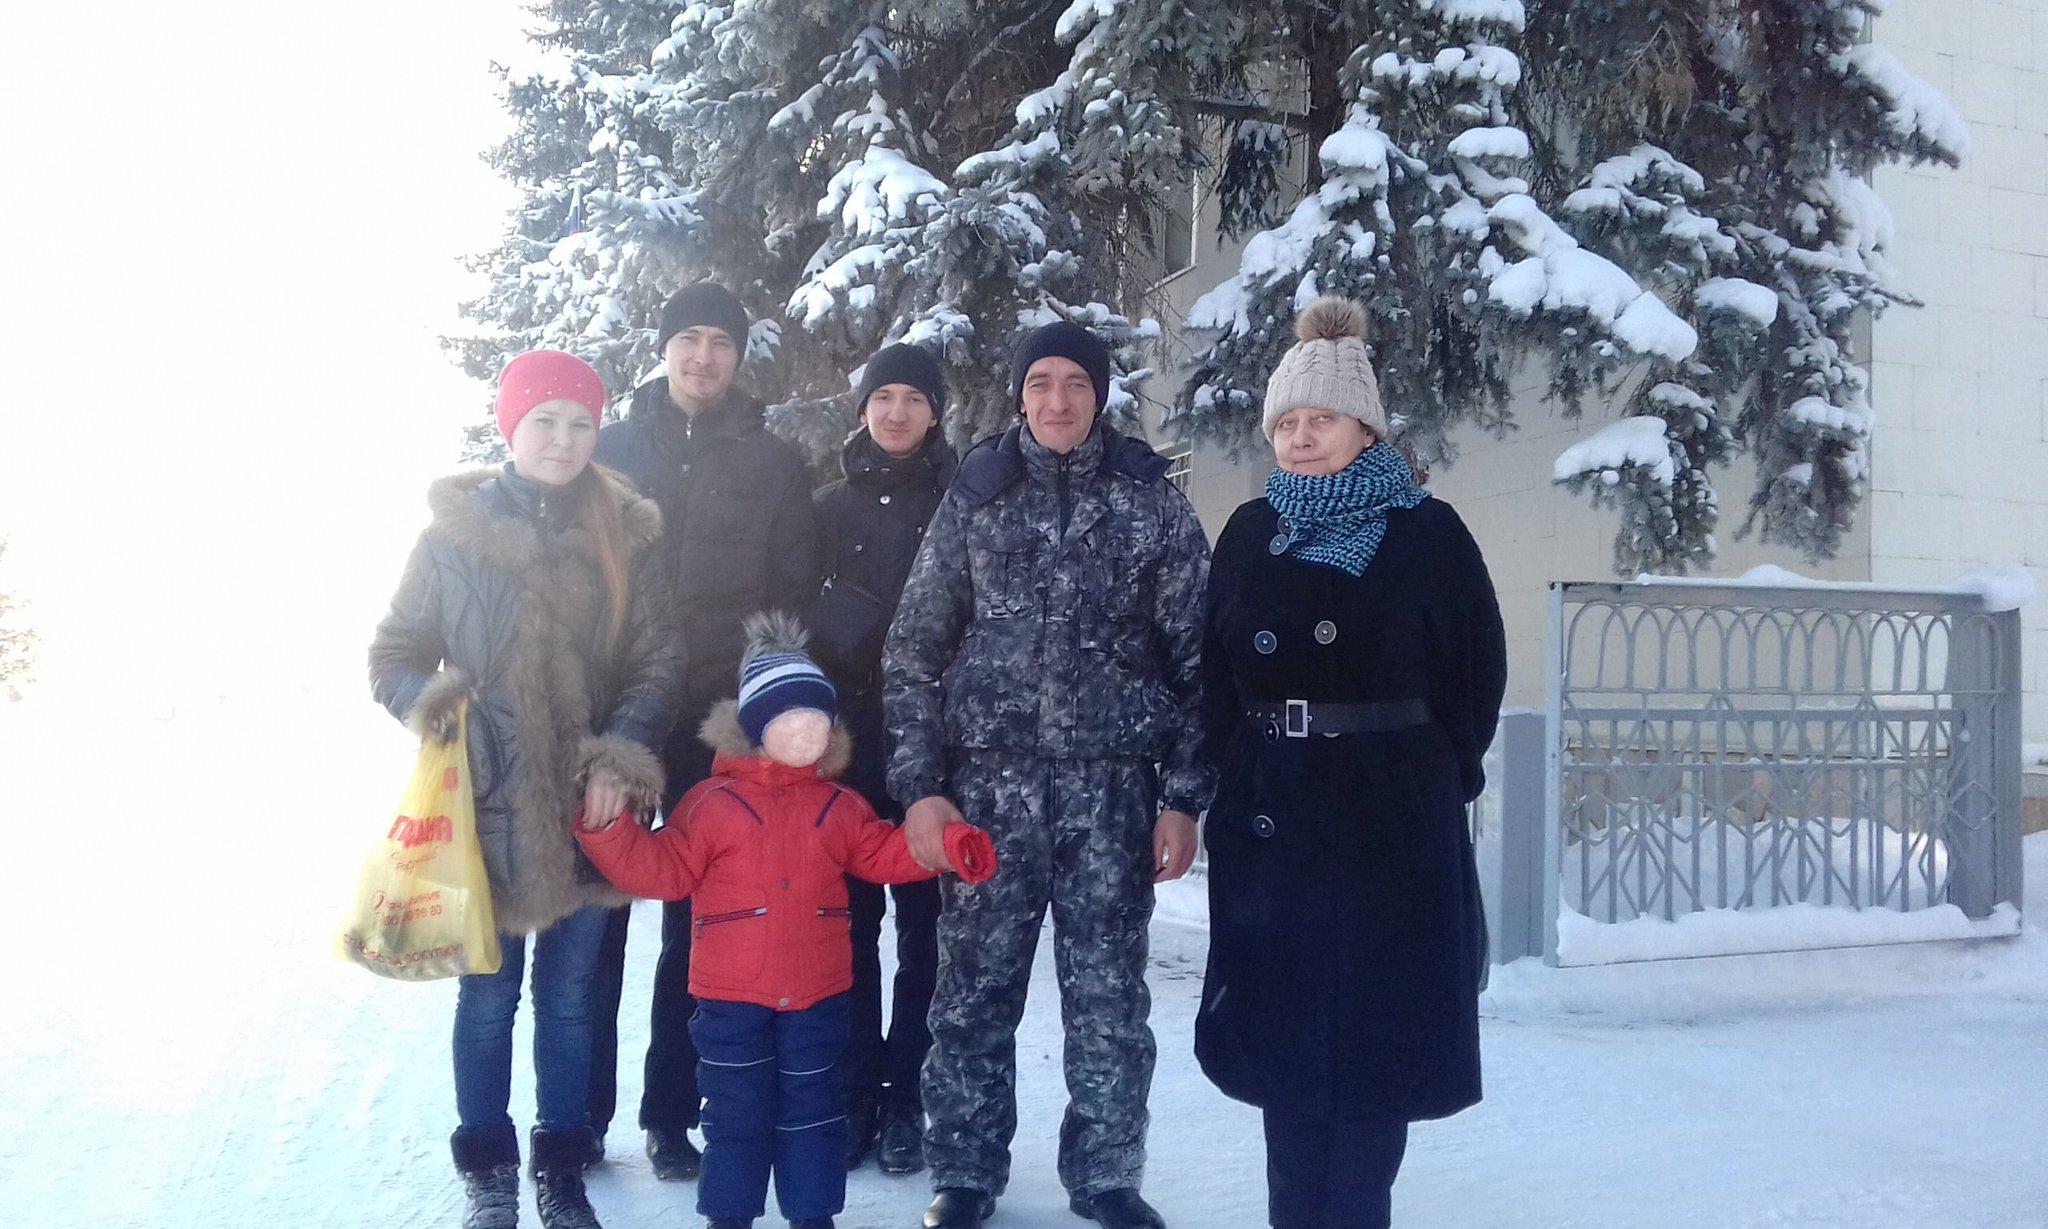 Село Архангельское республика Башкортостан. Шафиковы с сыном и активистами РВС